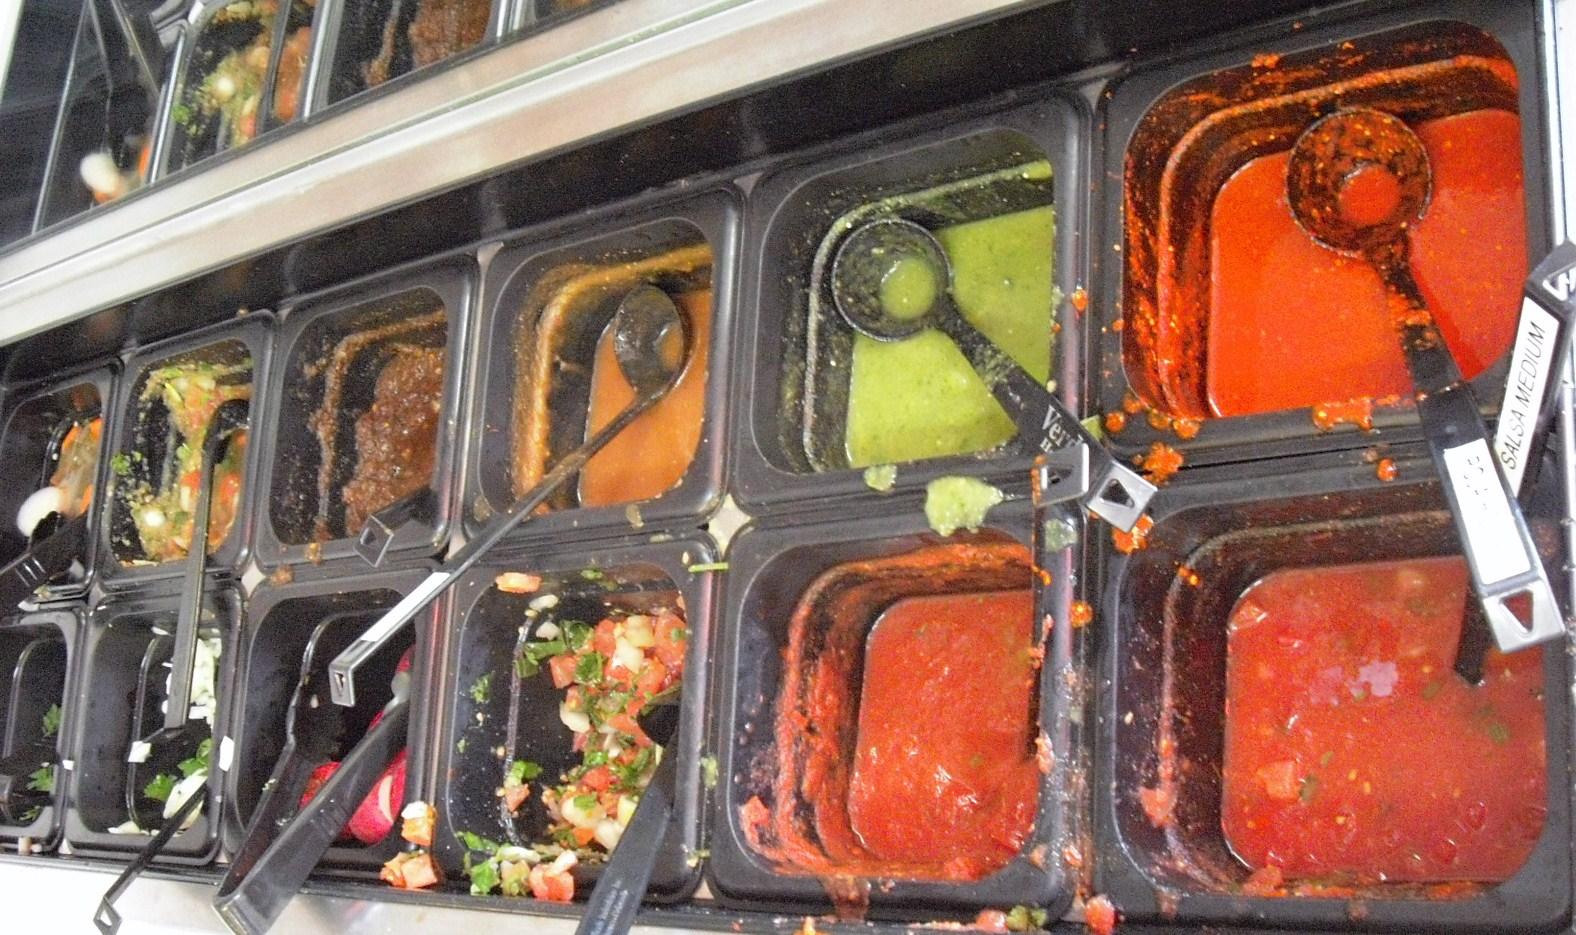 Poquito Mas Salsa Bar Burrito Wisdom A Vegetarian Burrito Quest Www Burritowisdom Com Poquito mas messed up my order. poquito mas salsa bar burrito wisdom